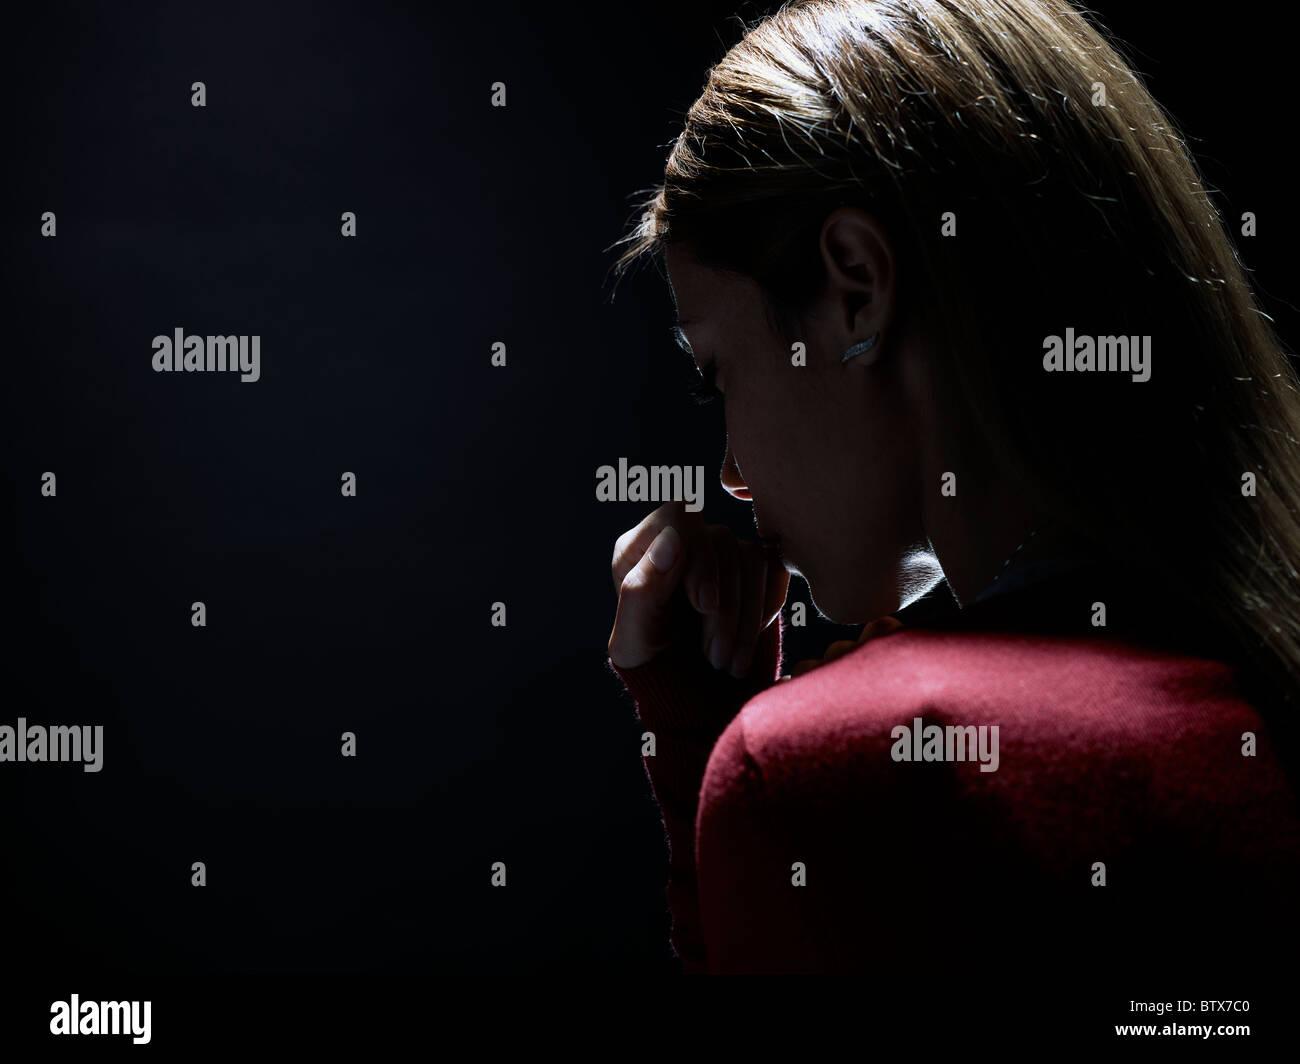 nachdenkliche Frau auf schwarzem Hintergrund, stellvertretend für das Konzept der Anonymität Stockfoto